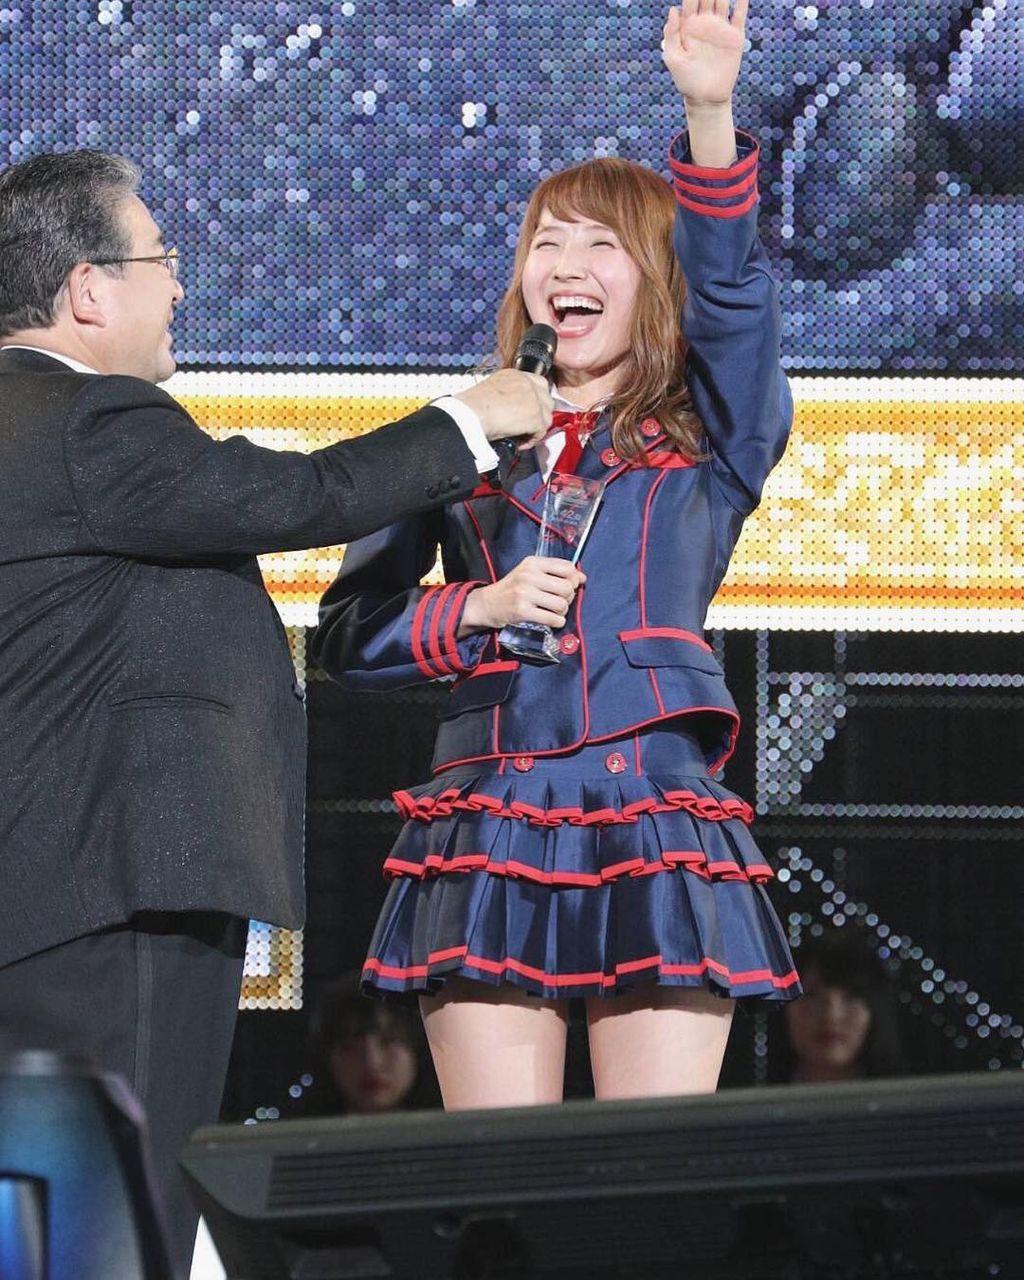 【AKB48選抜総選挙】SKE48内山命、10度目で初のランクイン!